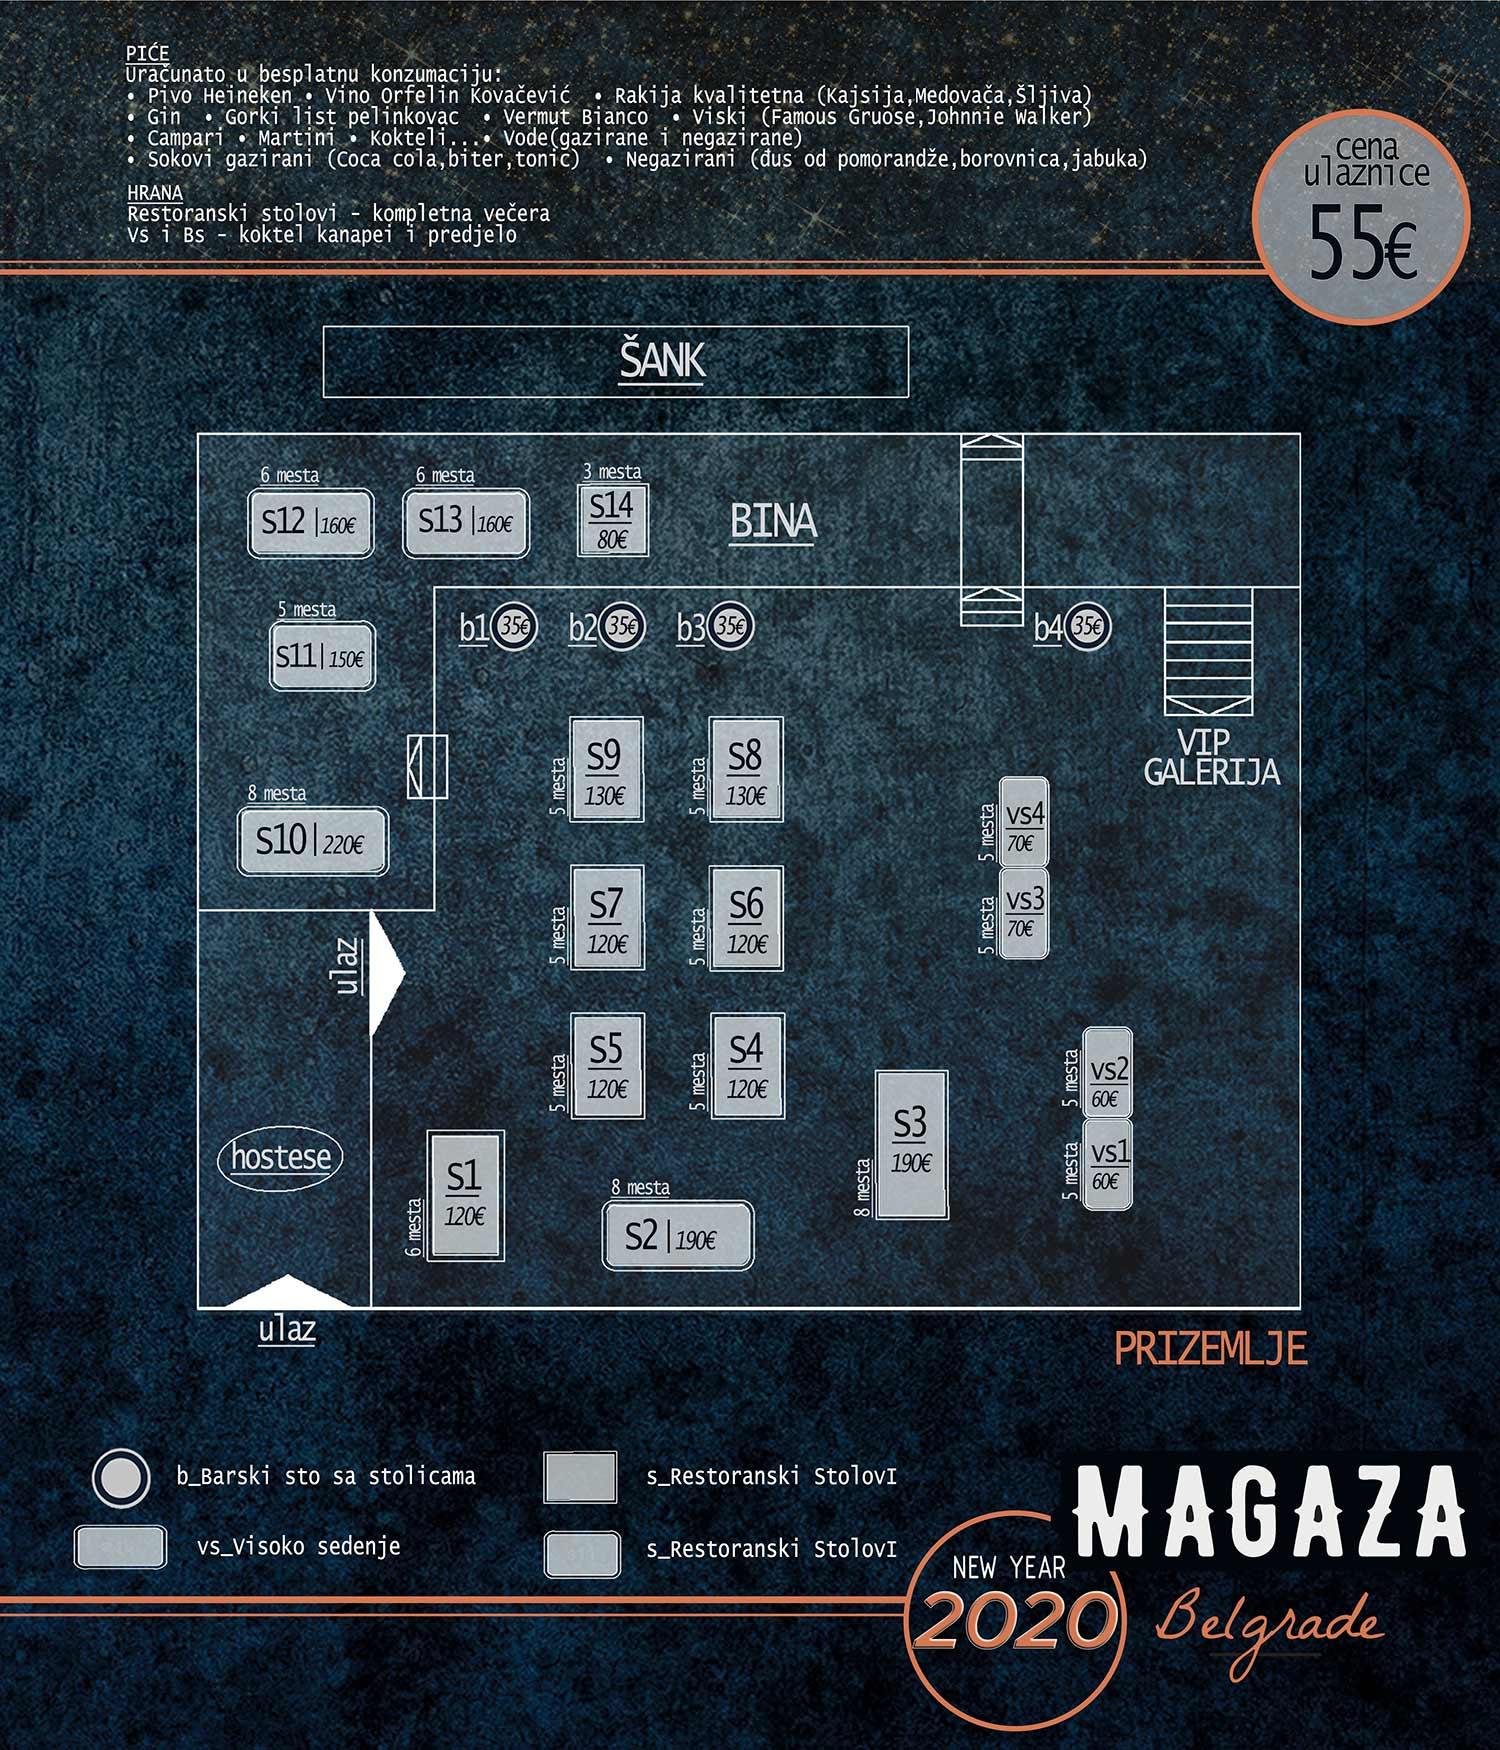 restoran magaza beton hala nova godina mapa sedenja prizemlje